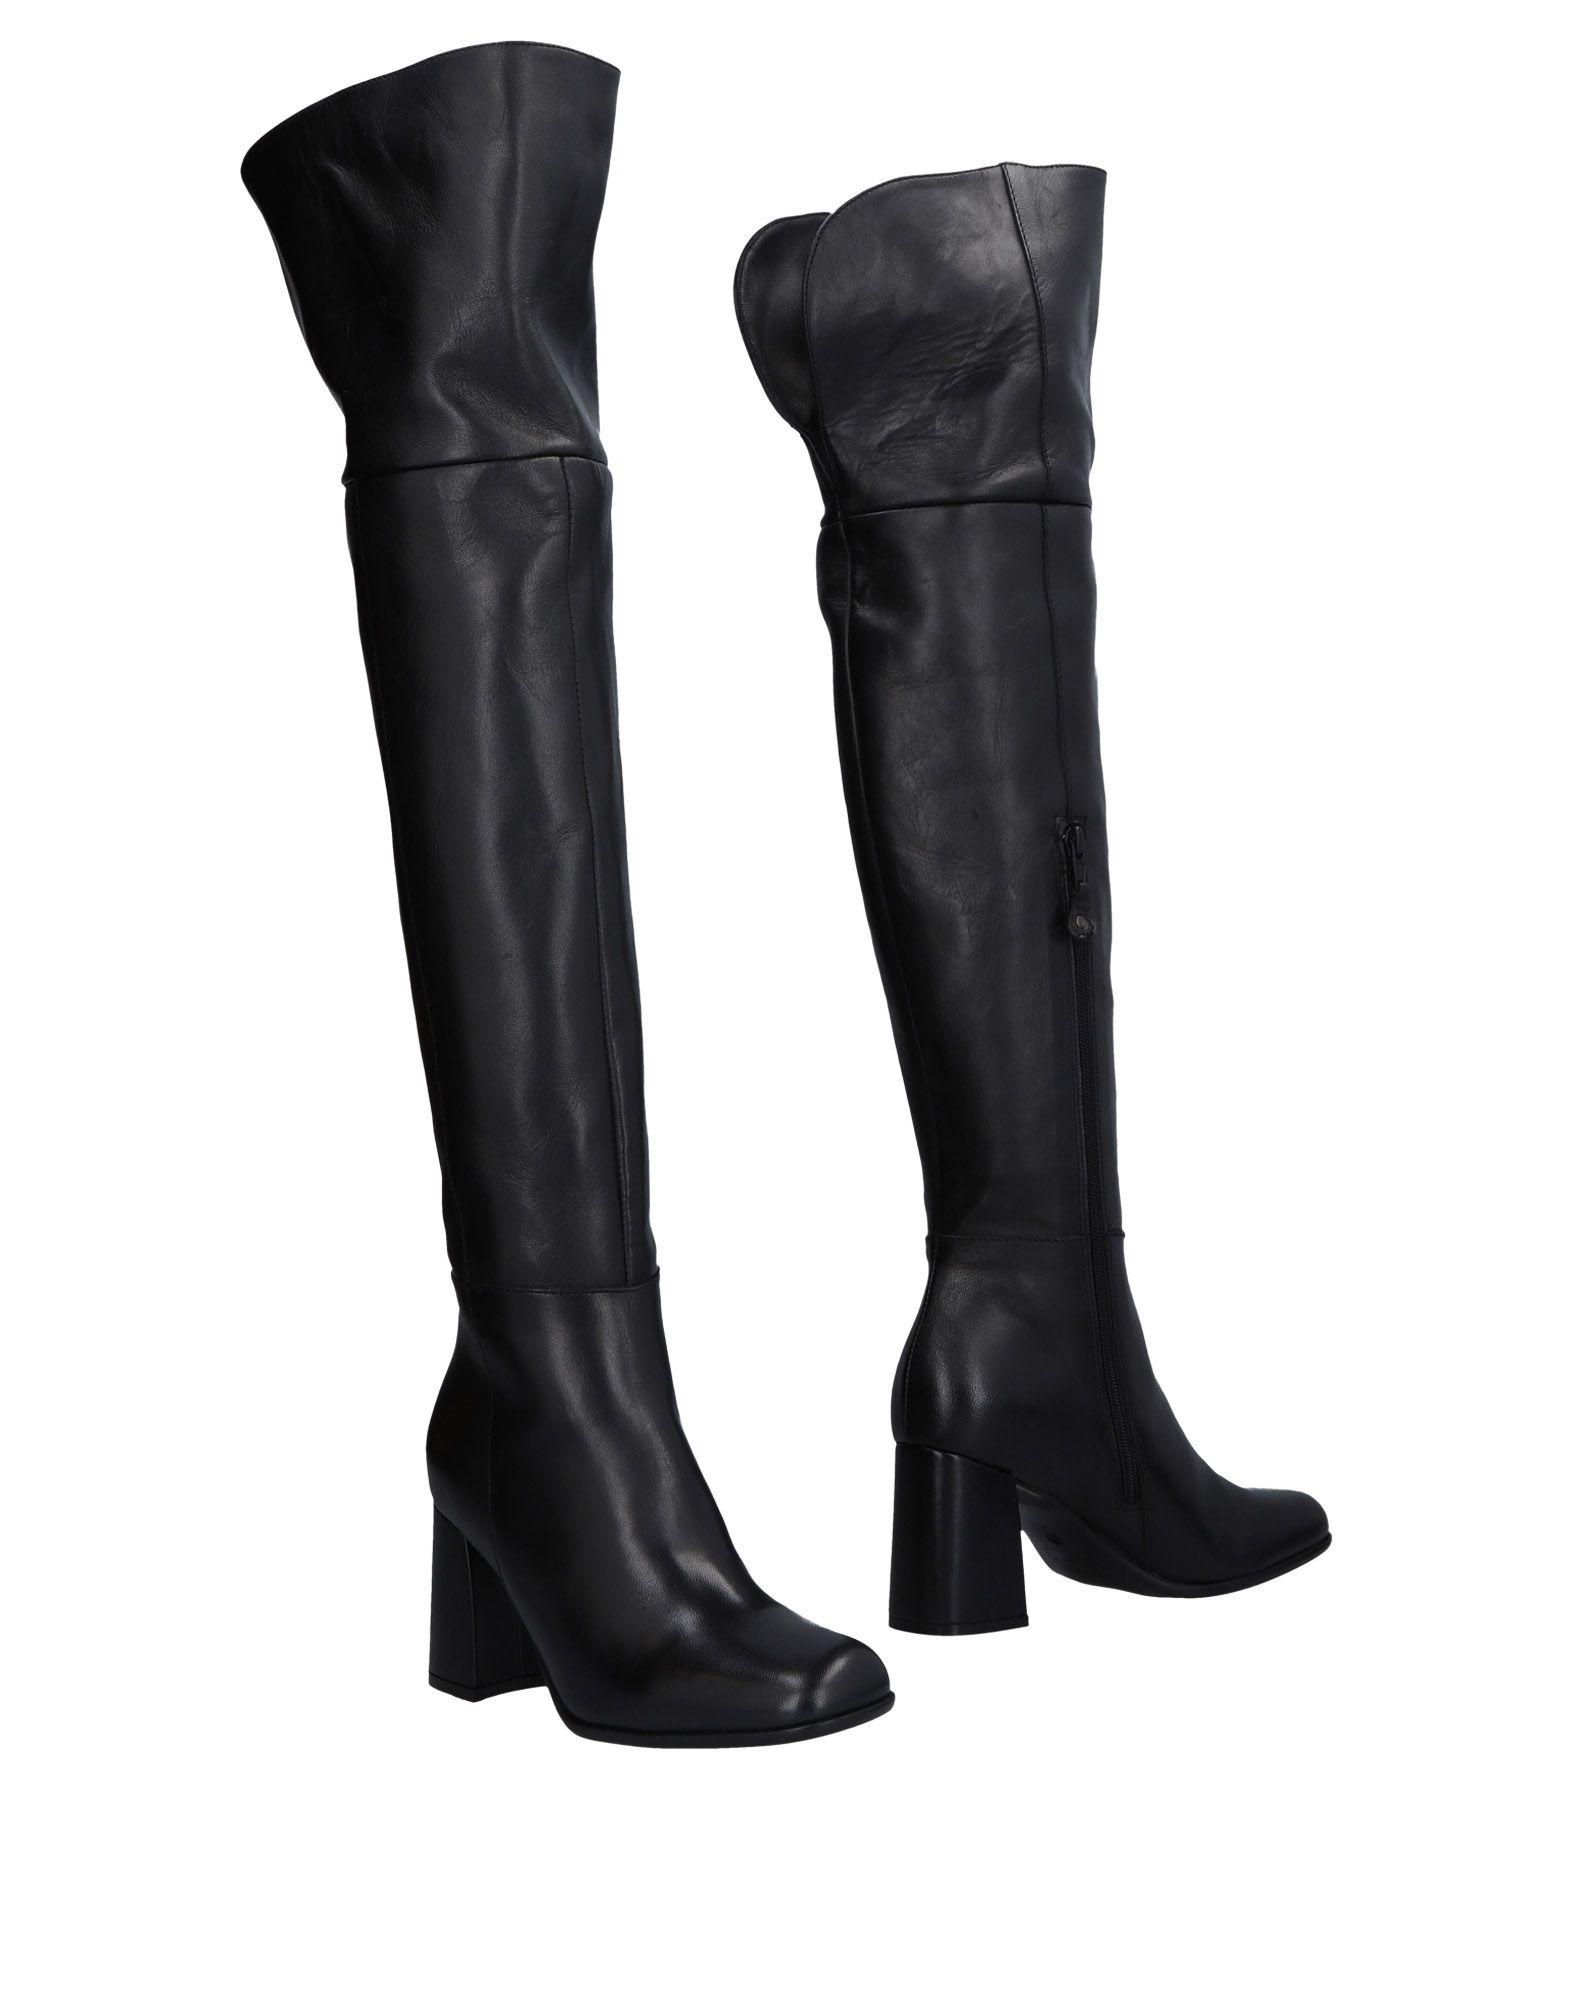 Formentini Stiefel Damen  11479126BP Gute Qualität beliebte Schuhe